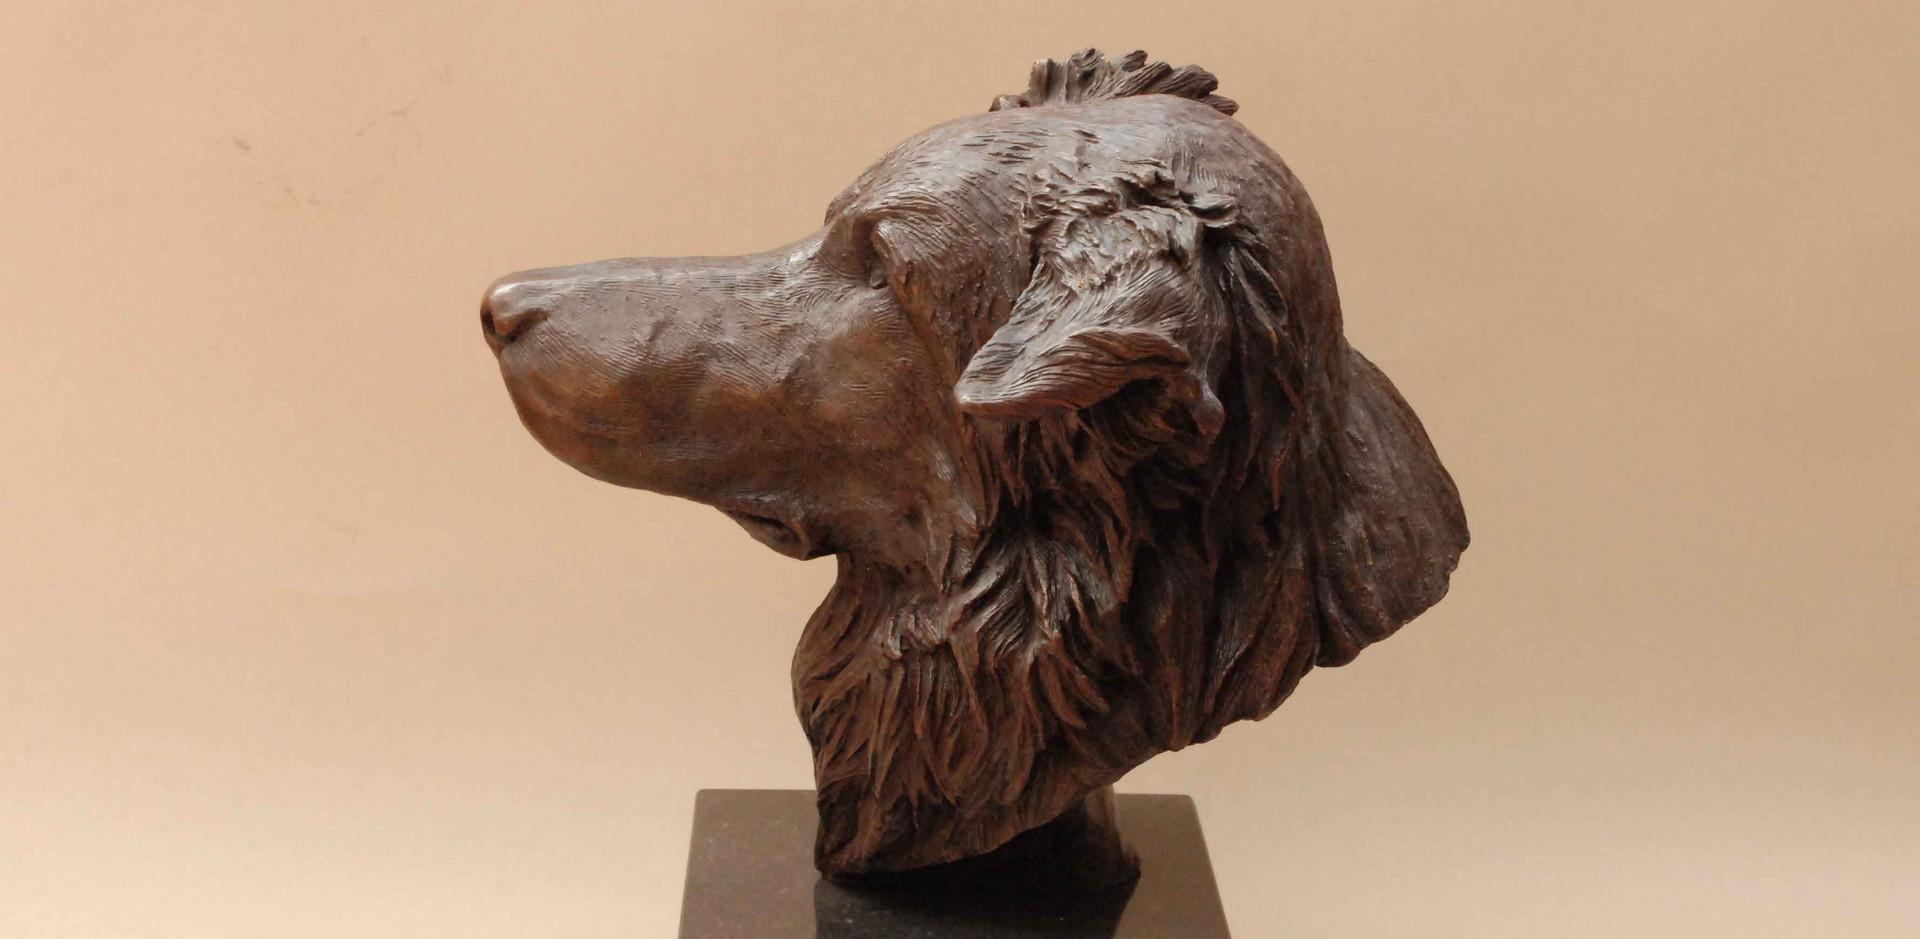 Border Collie bronze sculpture